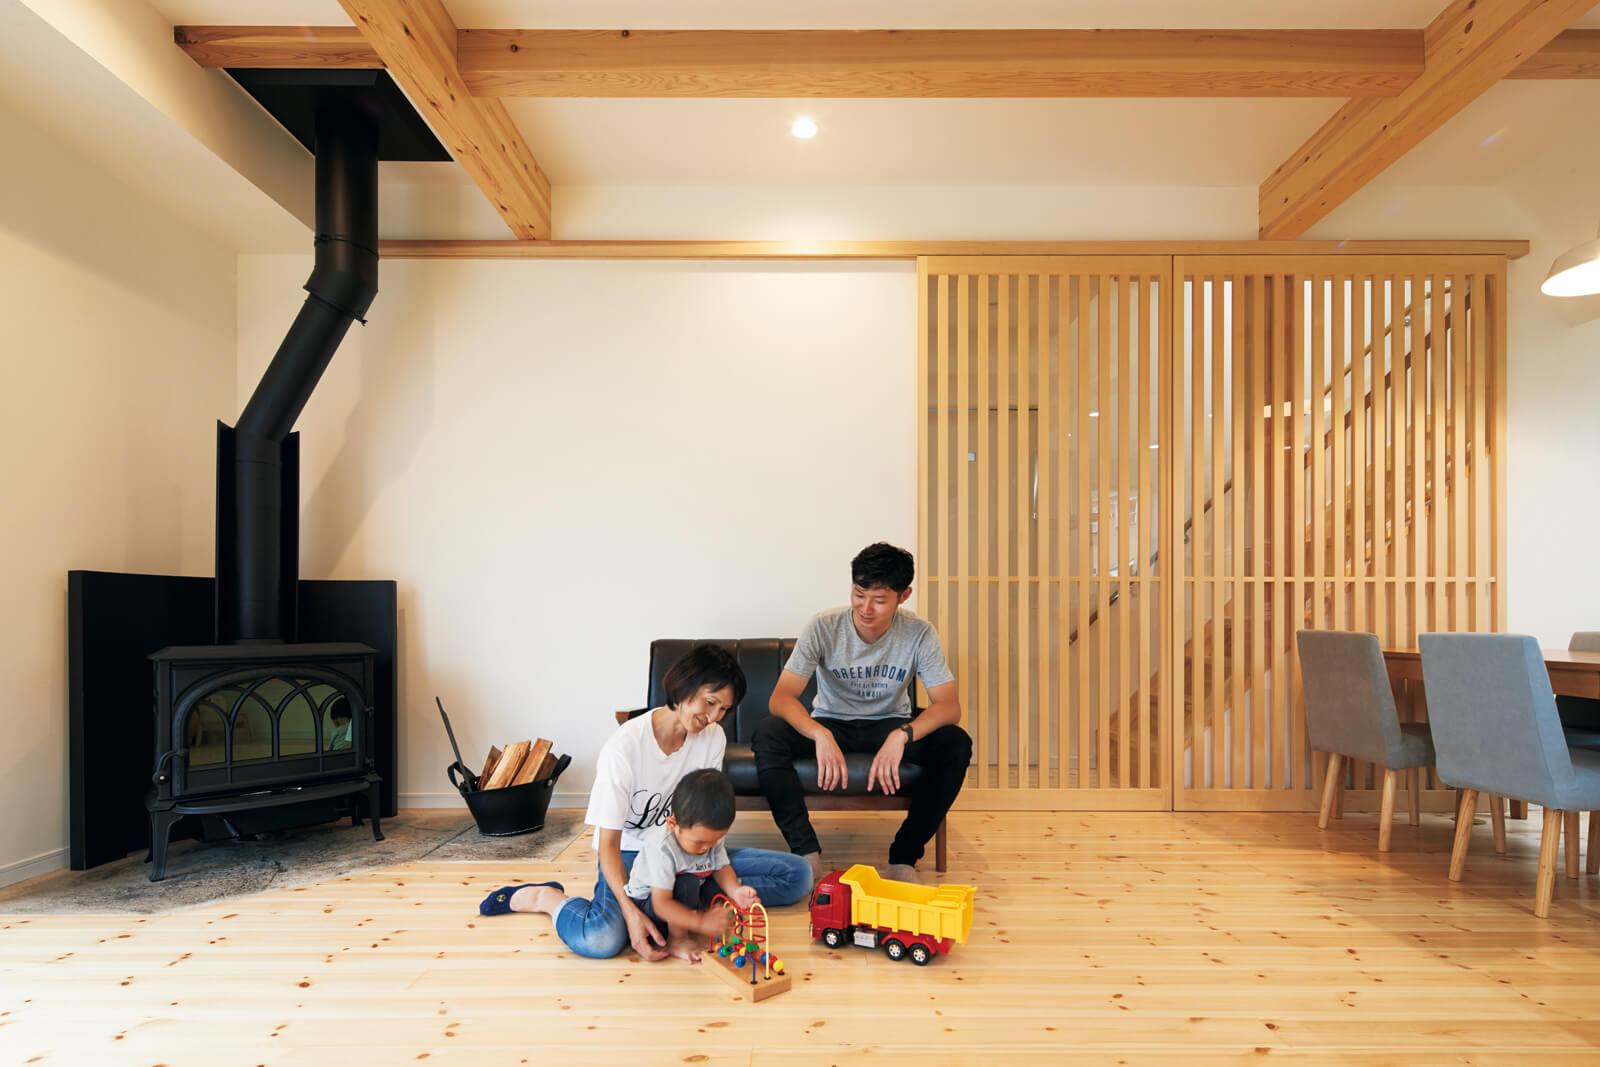 1階リビングは、天井の飾り梁と階段横の建具によってナチュラルな雰囲気と明るさが一際感じられる。木の風合いと薪ストーブが、家族の和やかな団らんを包み込む